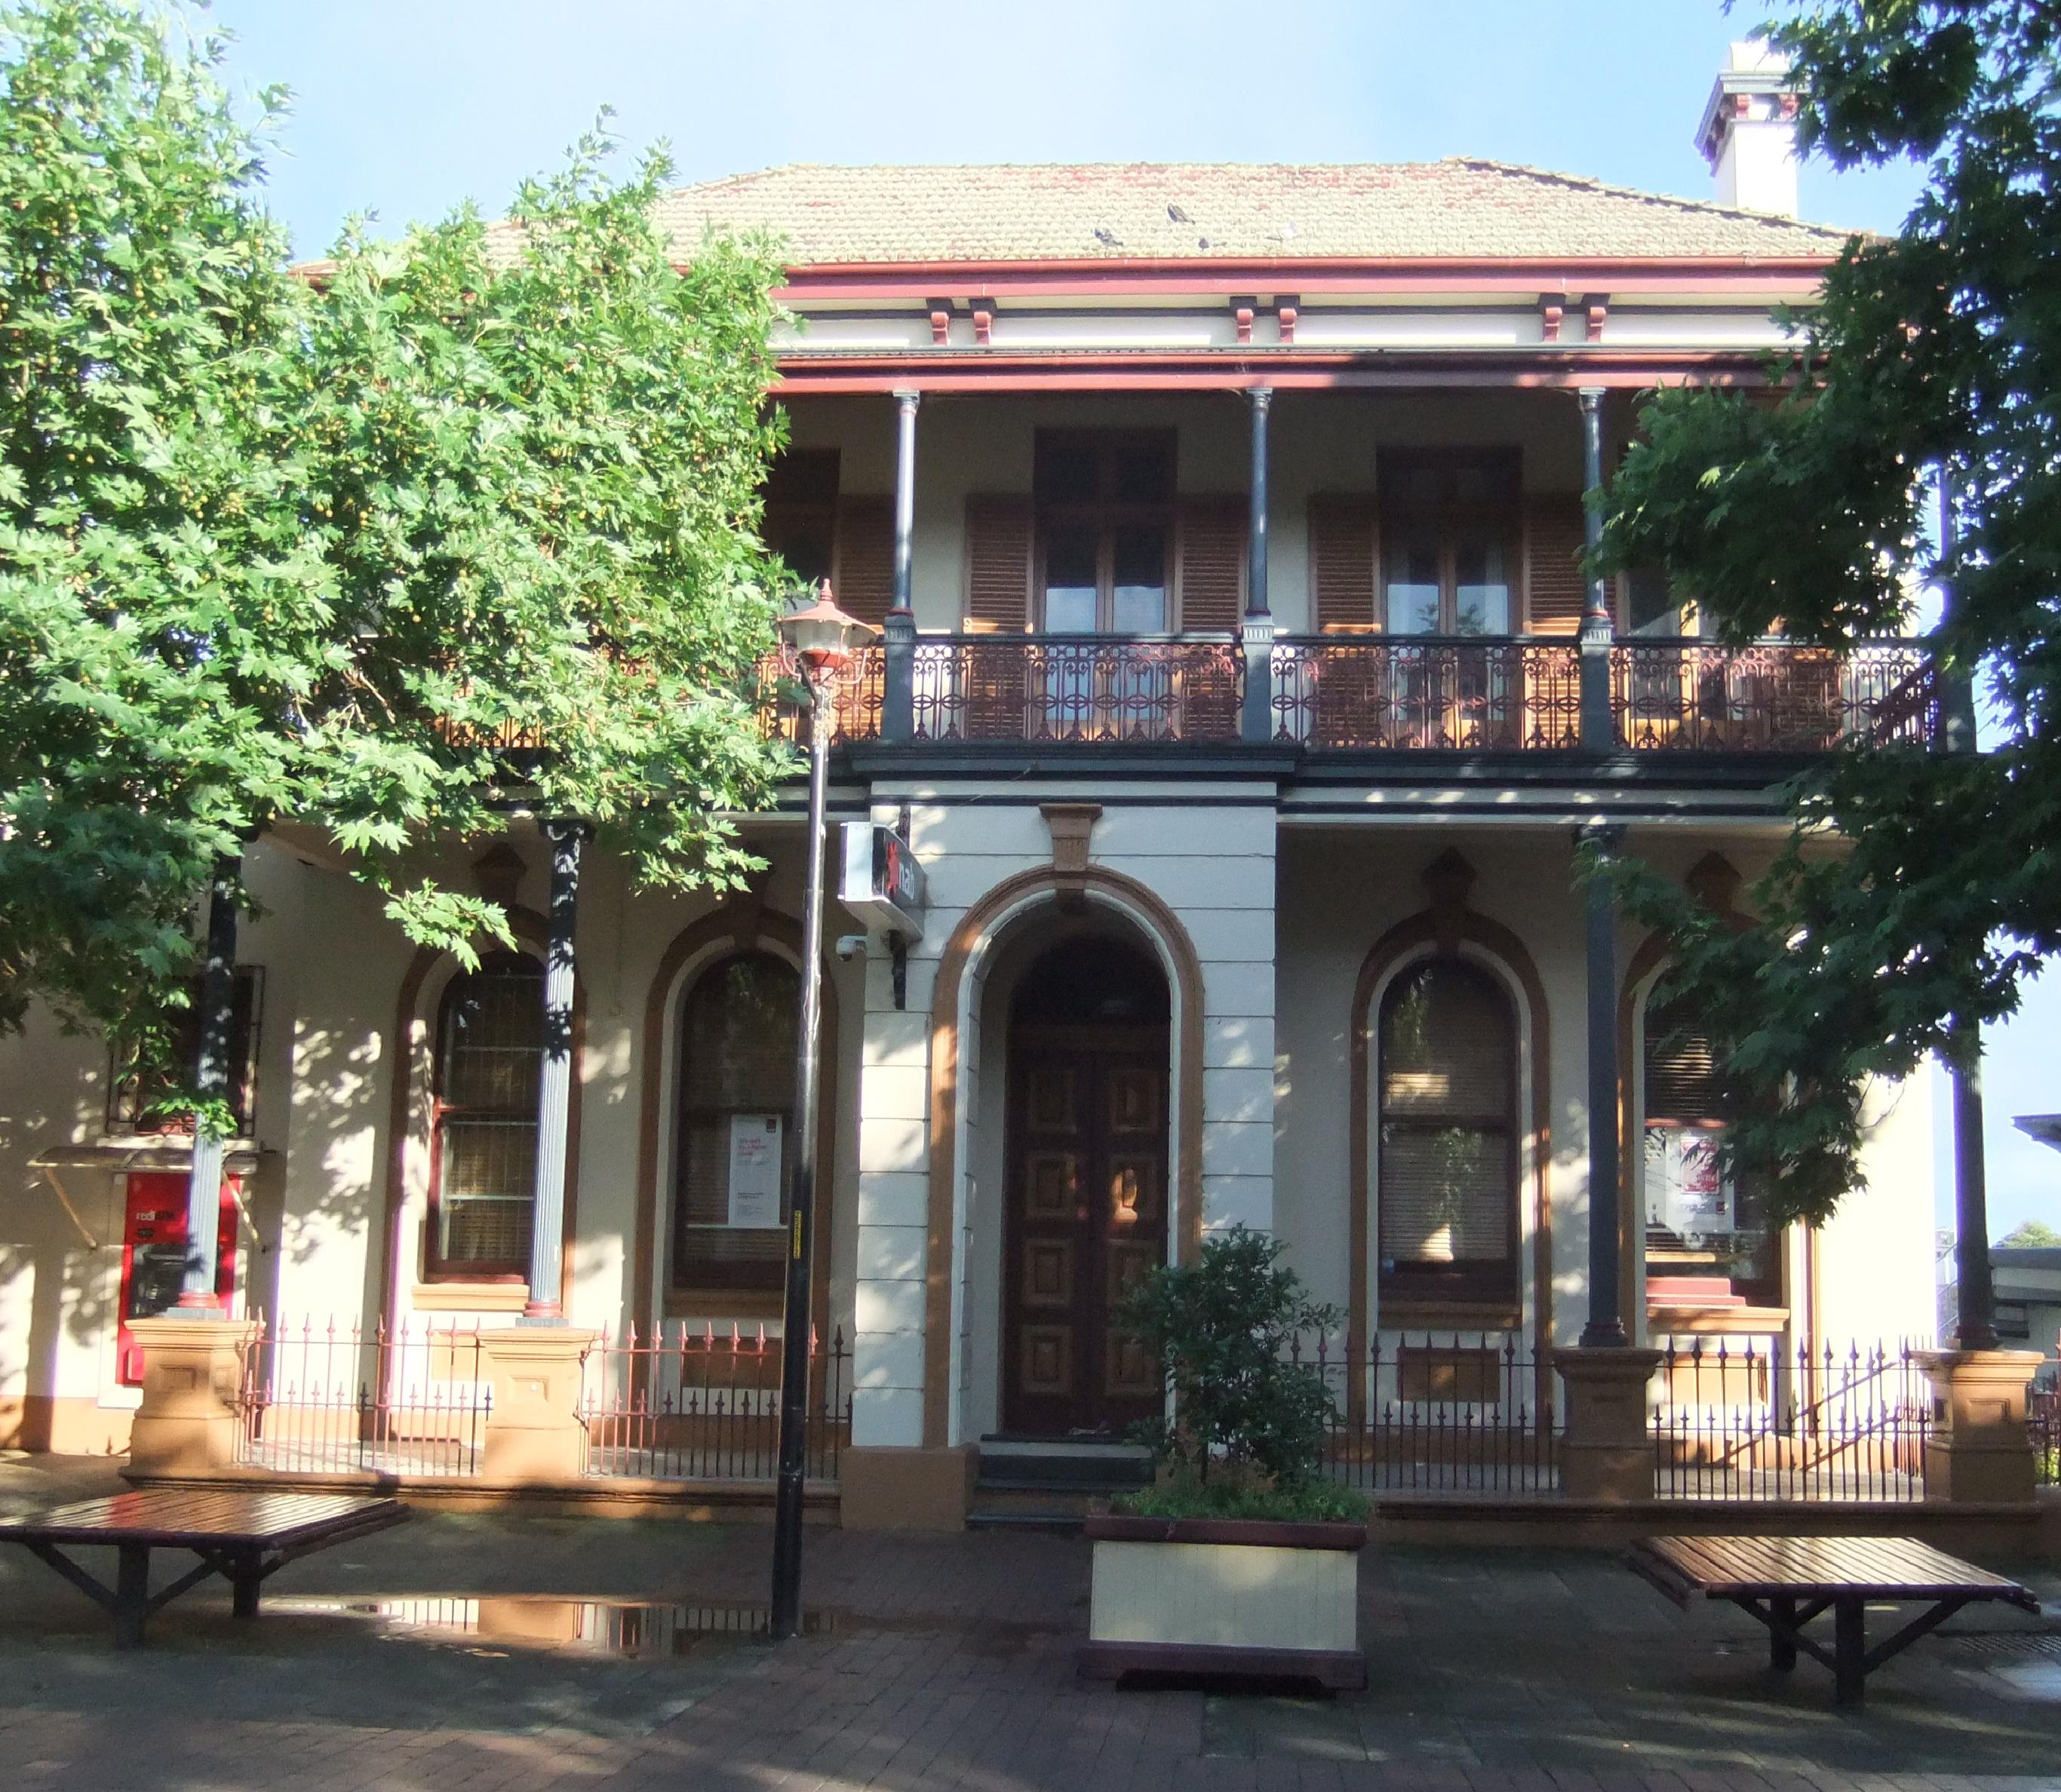 Former Commercial Bank, Windsor now National Australia Bank